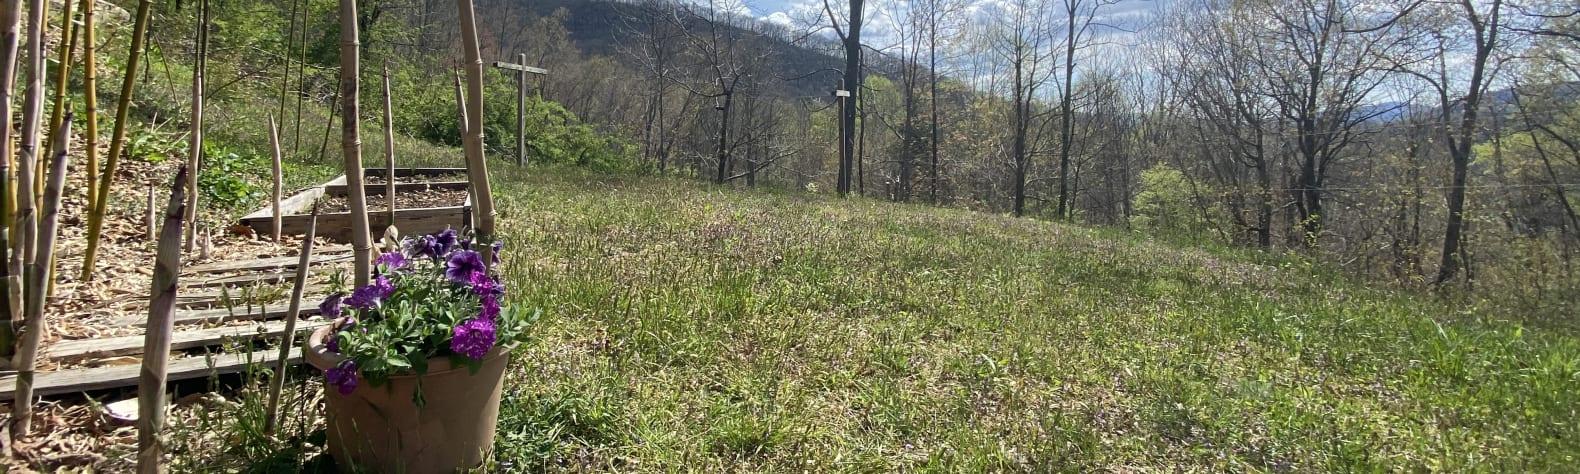 Totoro's Hilltop Hideaway